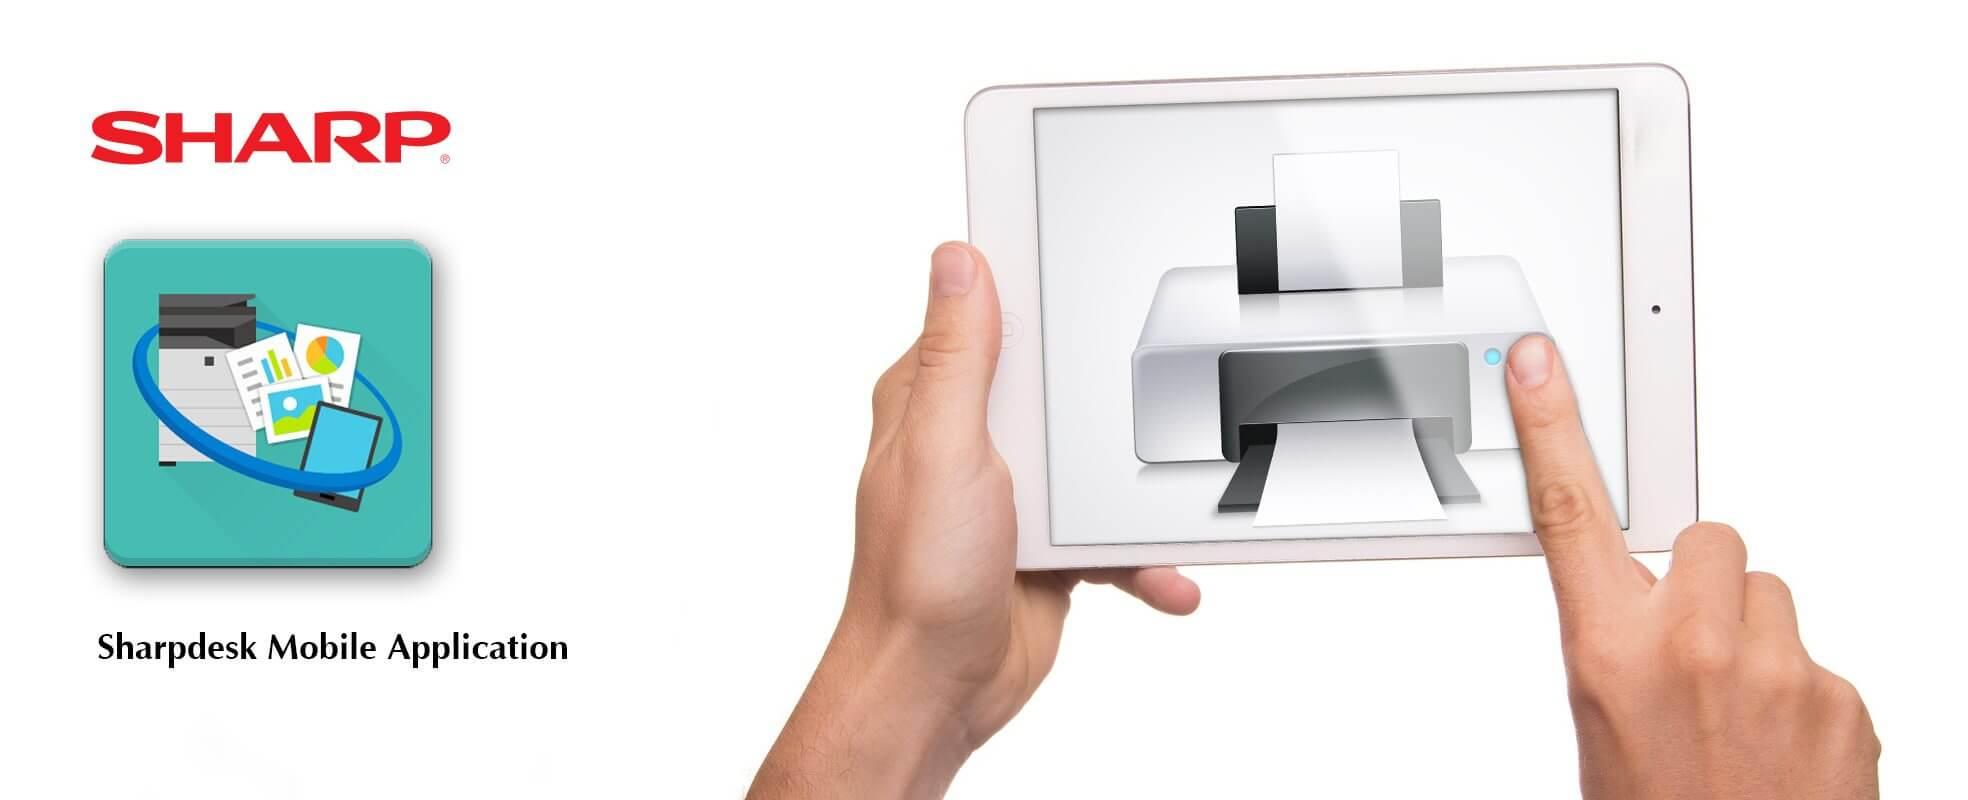 شارپ دسک Sharpdesk ابزار ارتباط دستگاه کپی شارپ